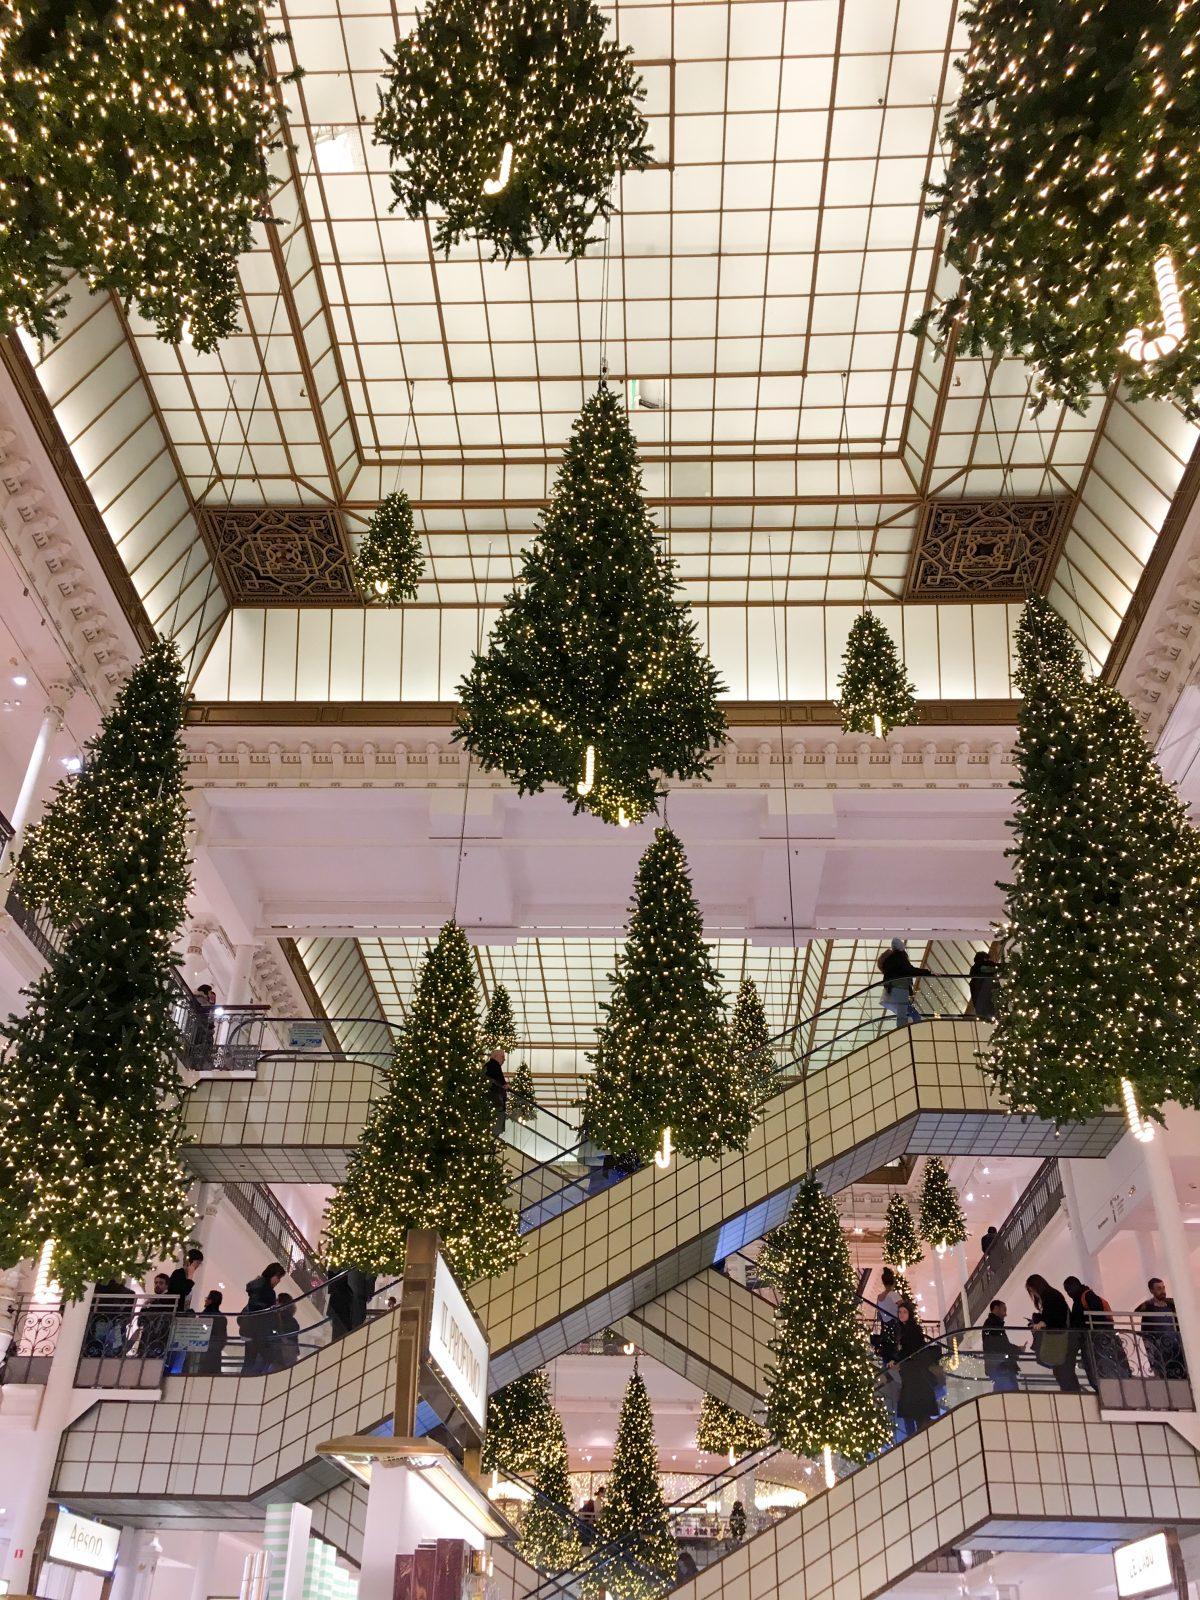 le-bon-marche-paris-christmas